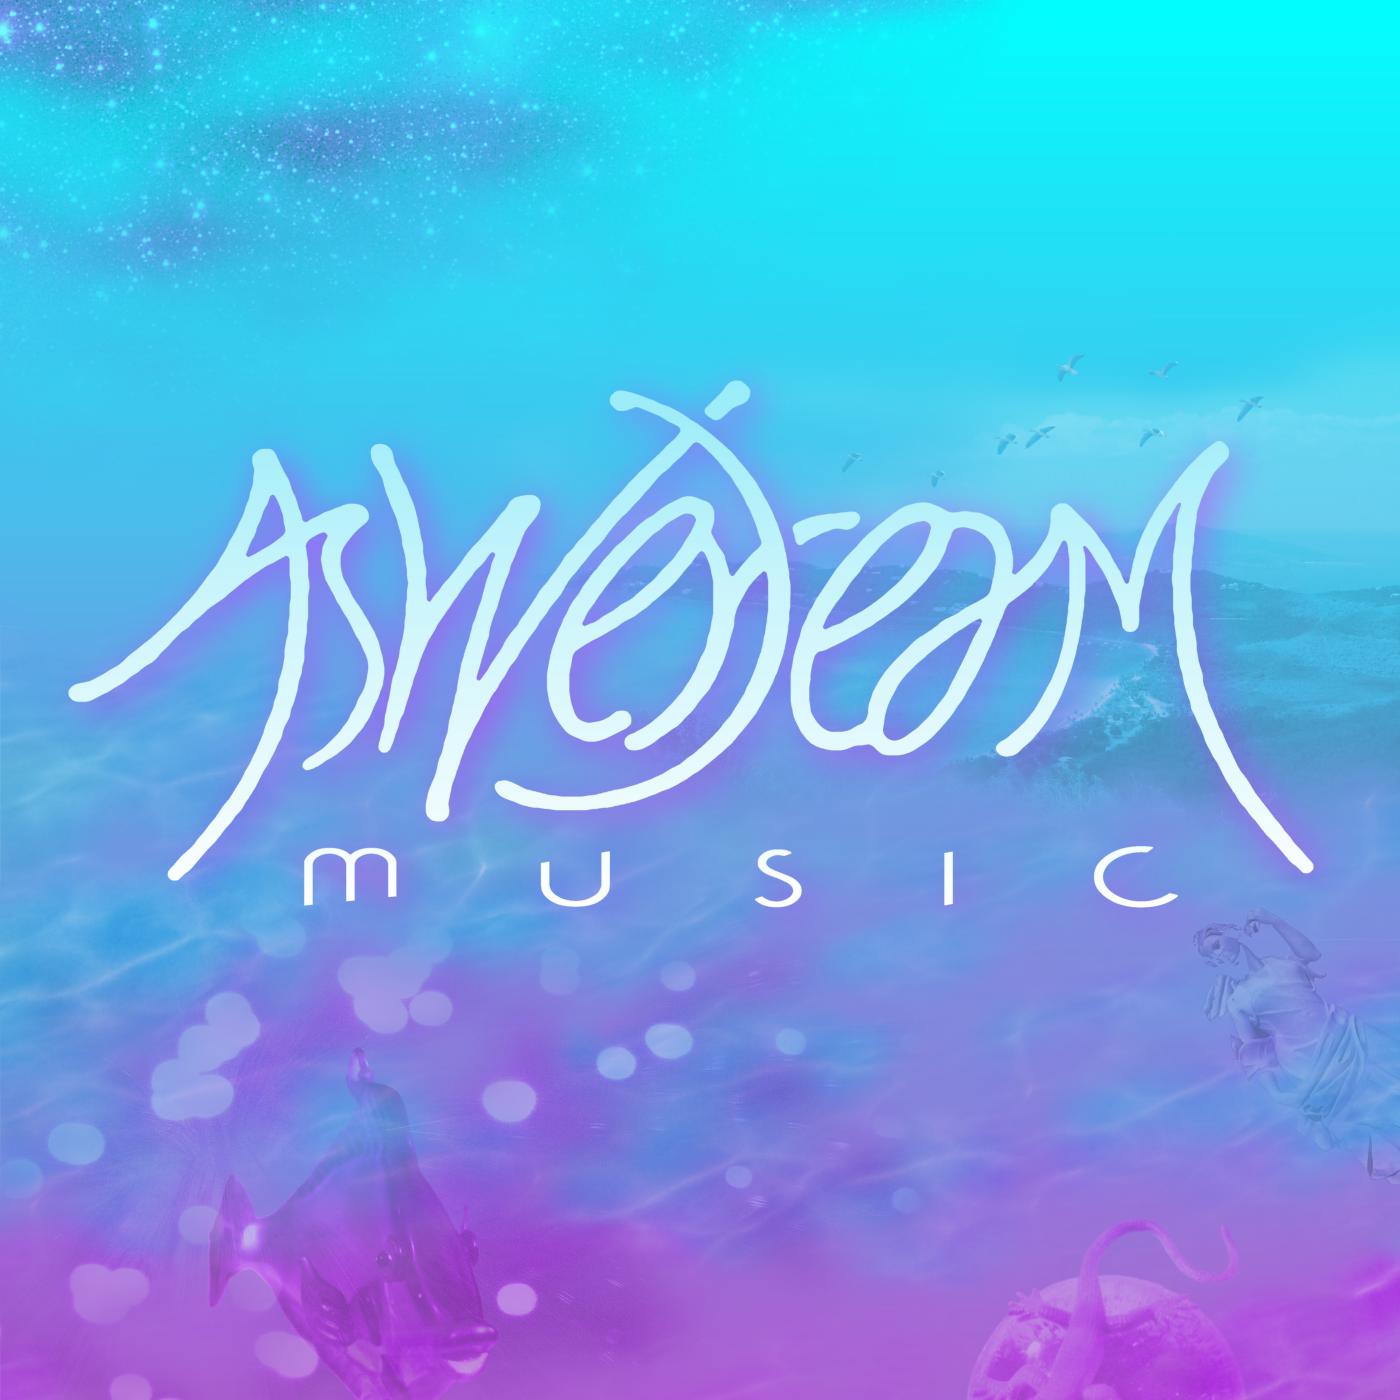 AsWeDream Music